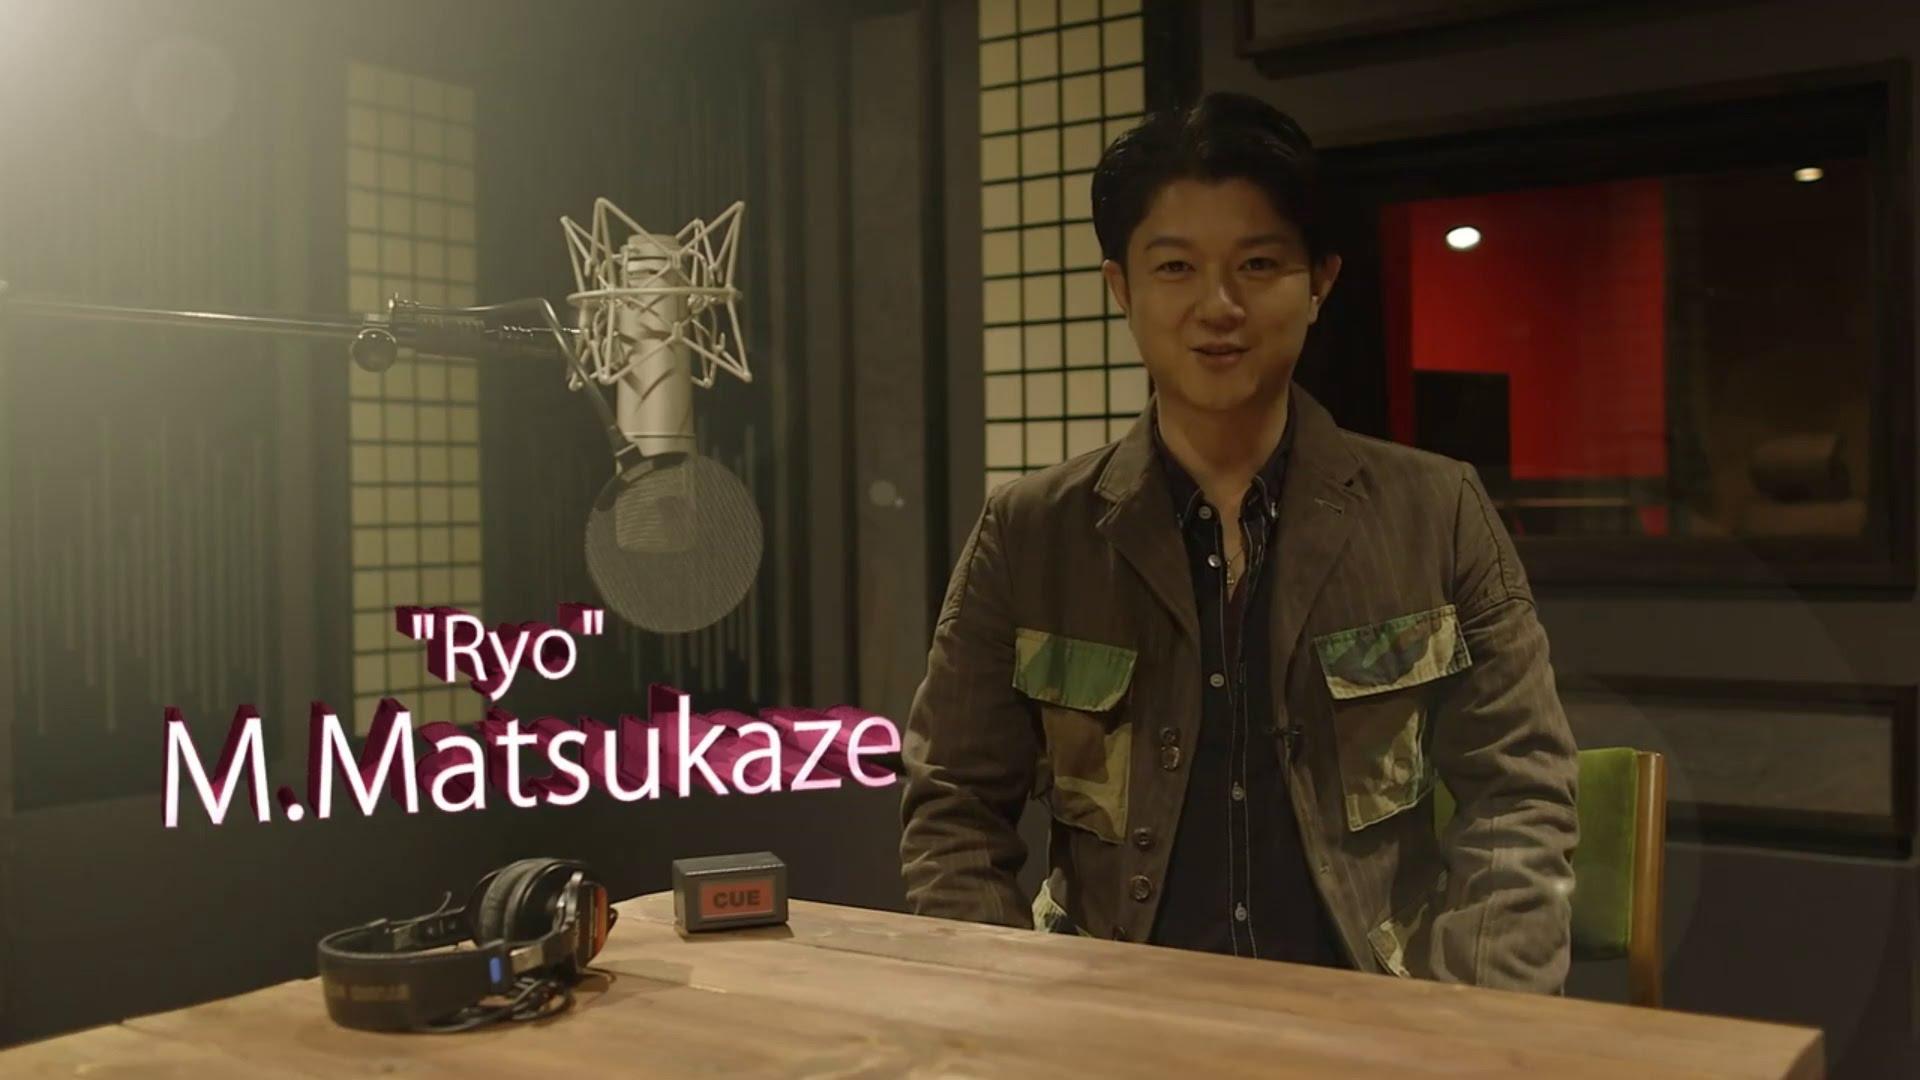 Masaya Matsukaze pronto a riprendere il ruolo di Ryo Hazuki